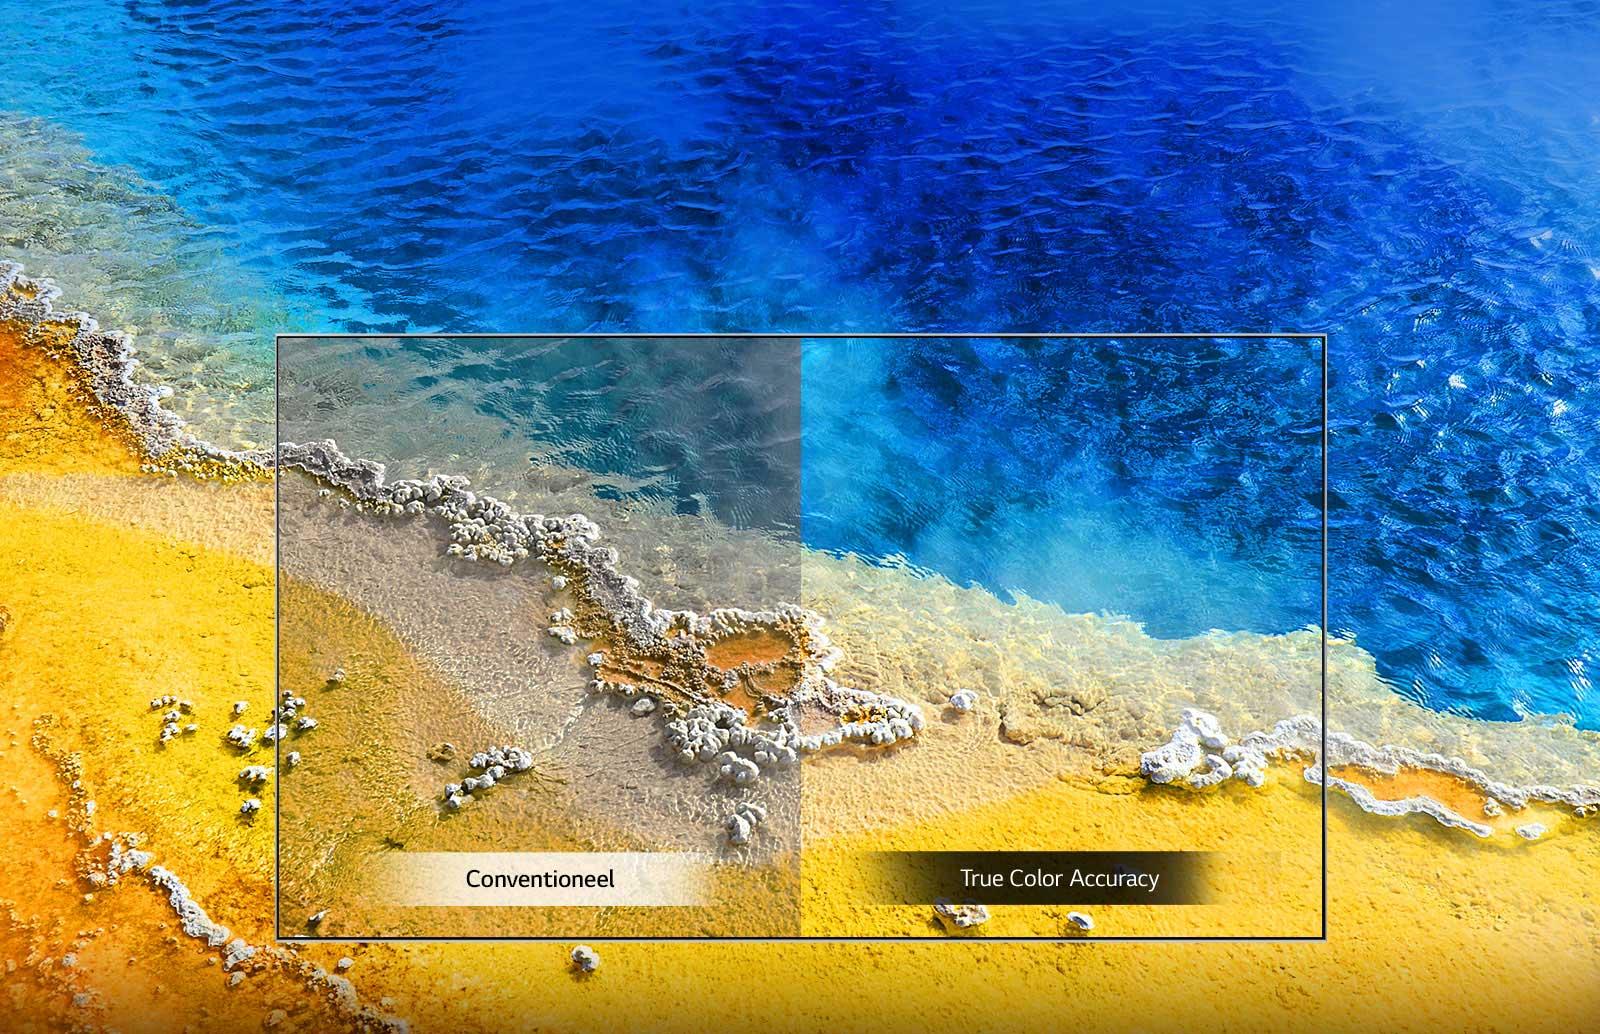 TV-UHD-70-UM71-04-True-Color-Accuracy-Desktop_v01